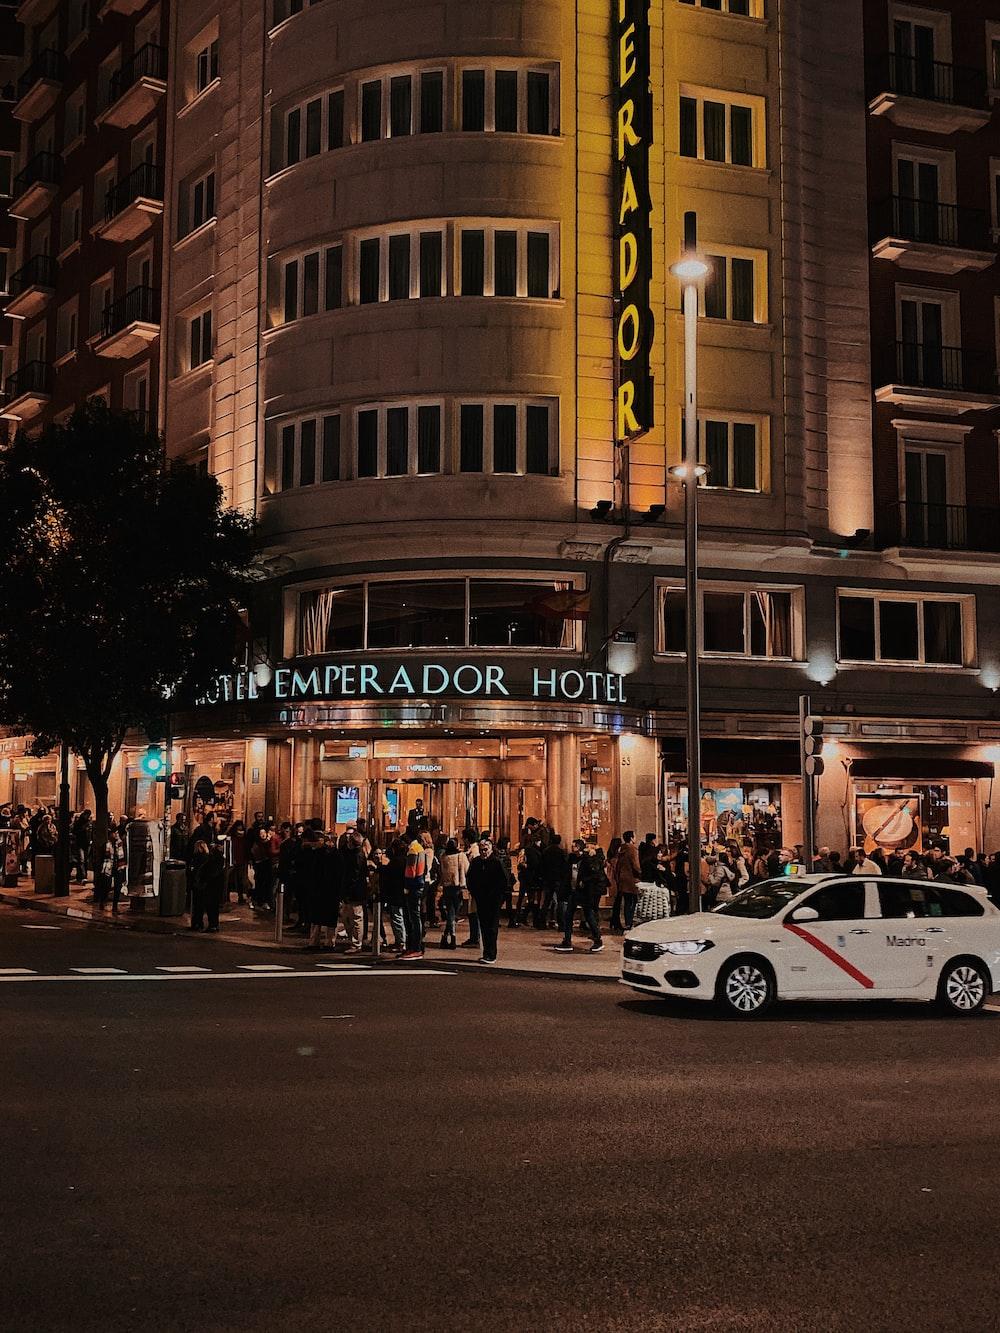 Emperador Hotel building